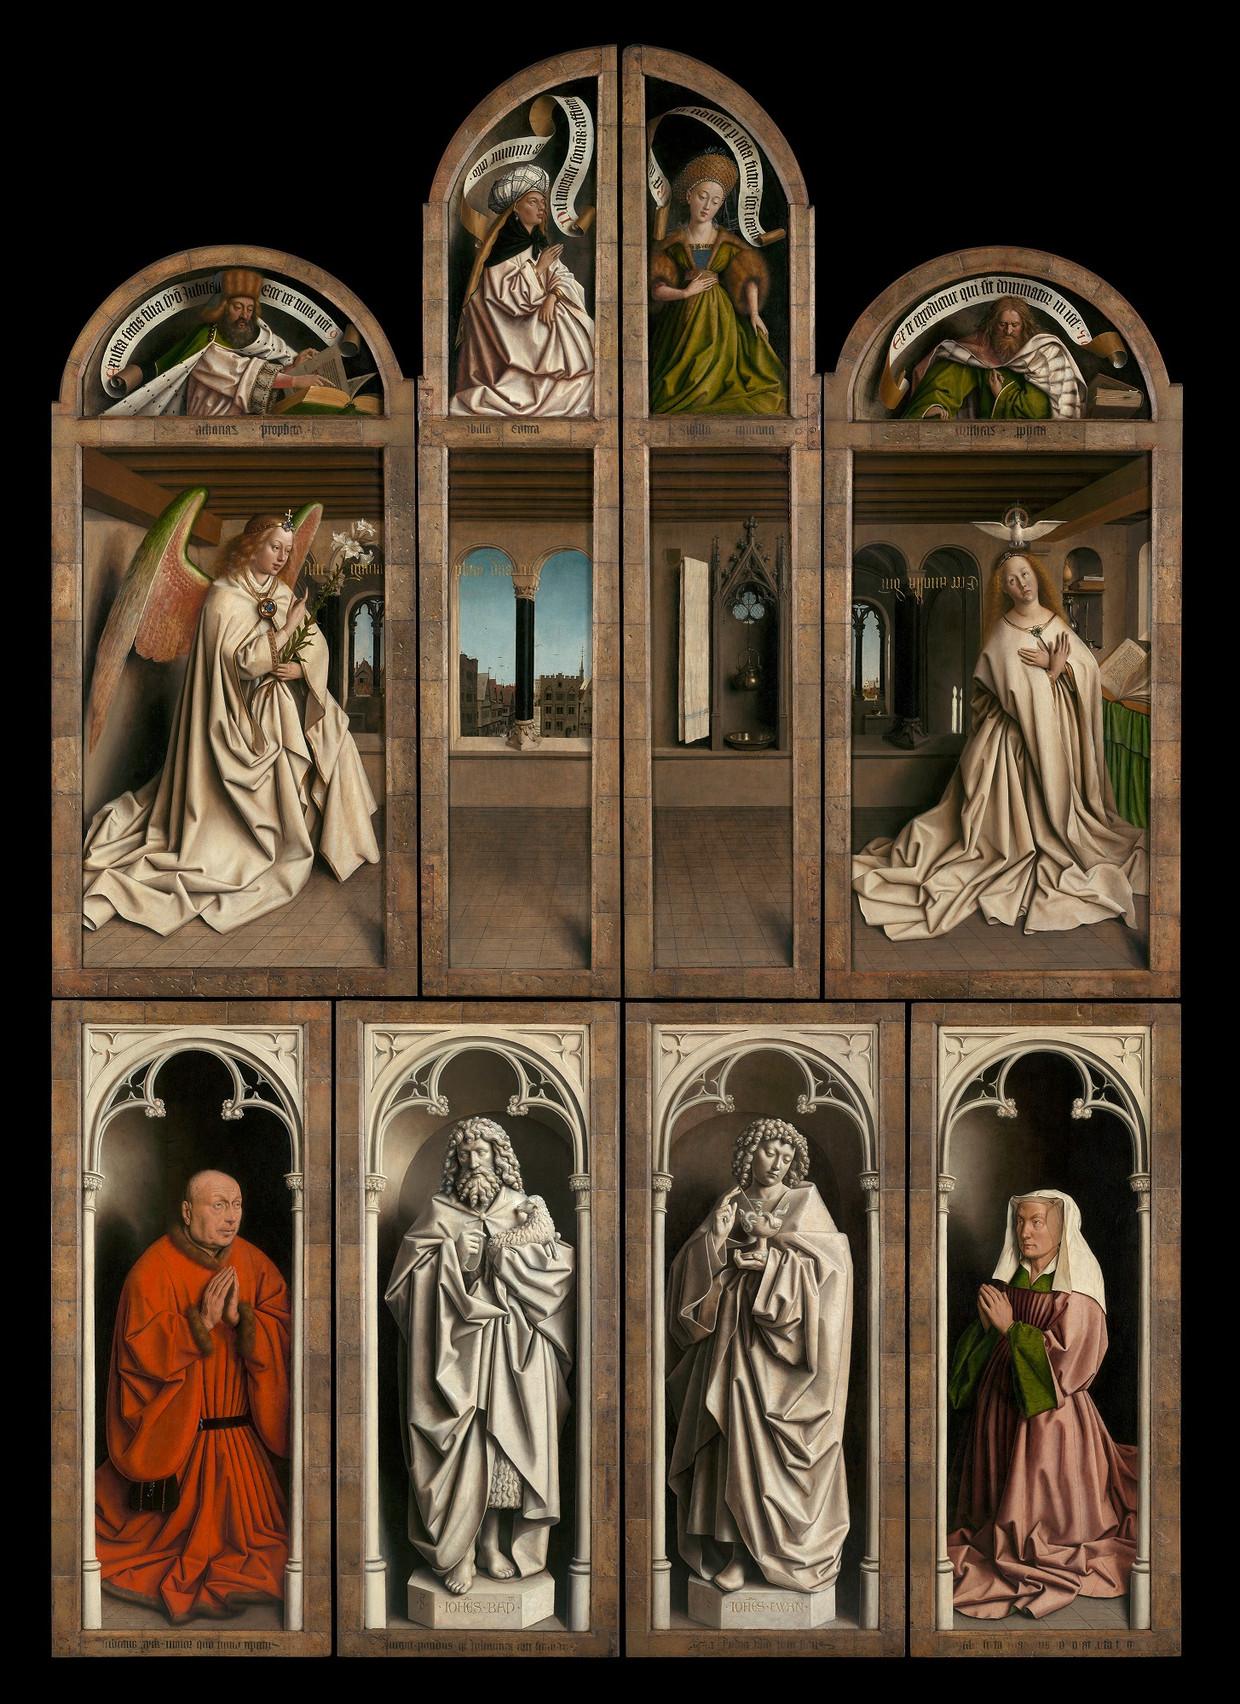 Jan (ca. 1390 - Brugge, 1441) en Hubert van Eyck (Maaseik, ca. 1366/1370- Gent, 1426), Aanbidding van het Lam Gods (1432). Buitenluiken van het gesloten altaarstuk.  Beeld Sint-Baafskathedraal, Gent / Koninklijke Musea voor Schone Kunsten van België